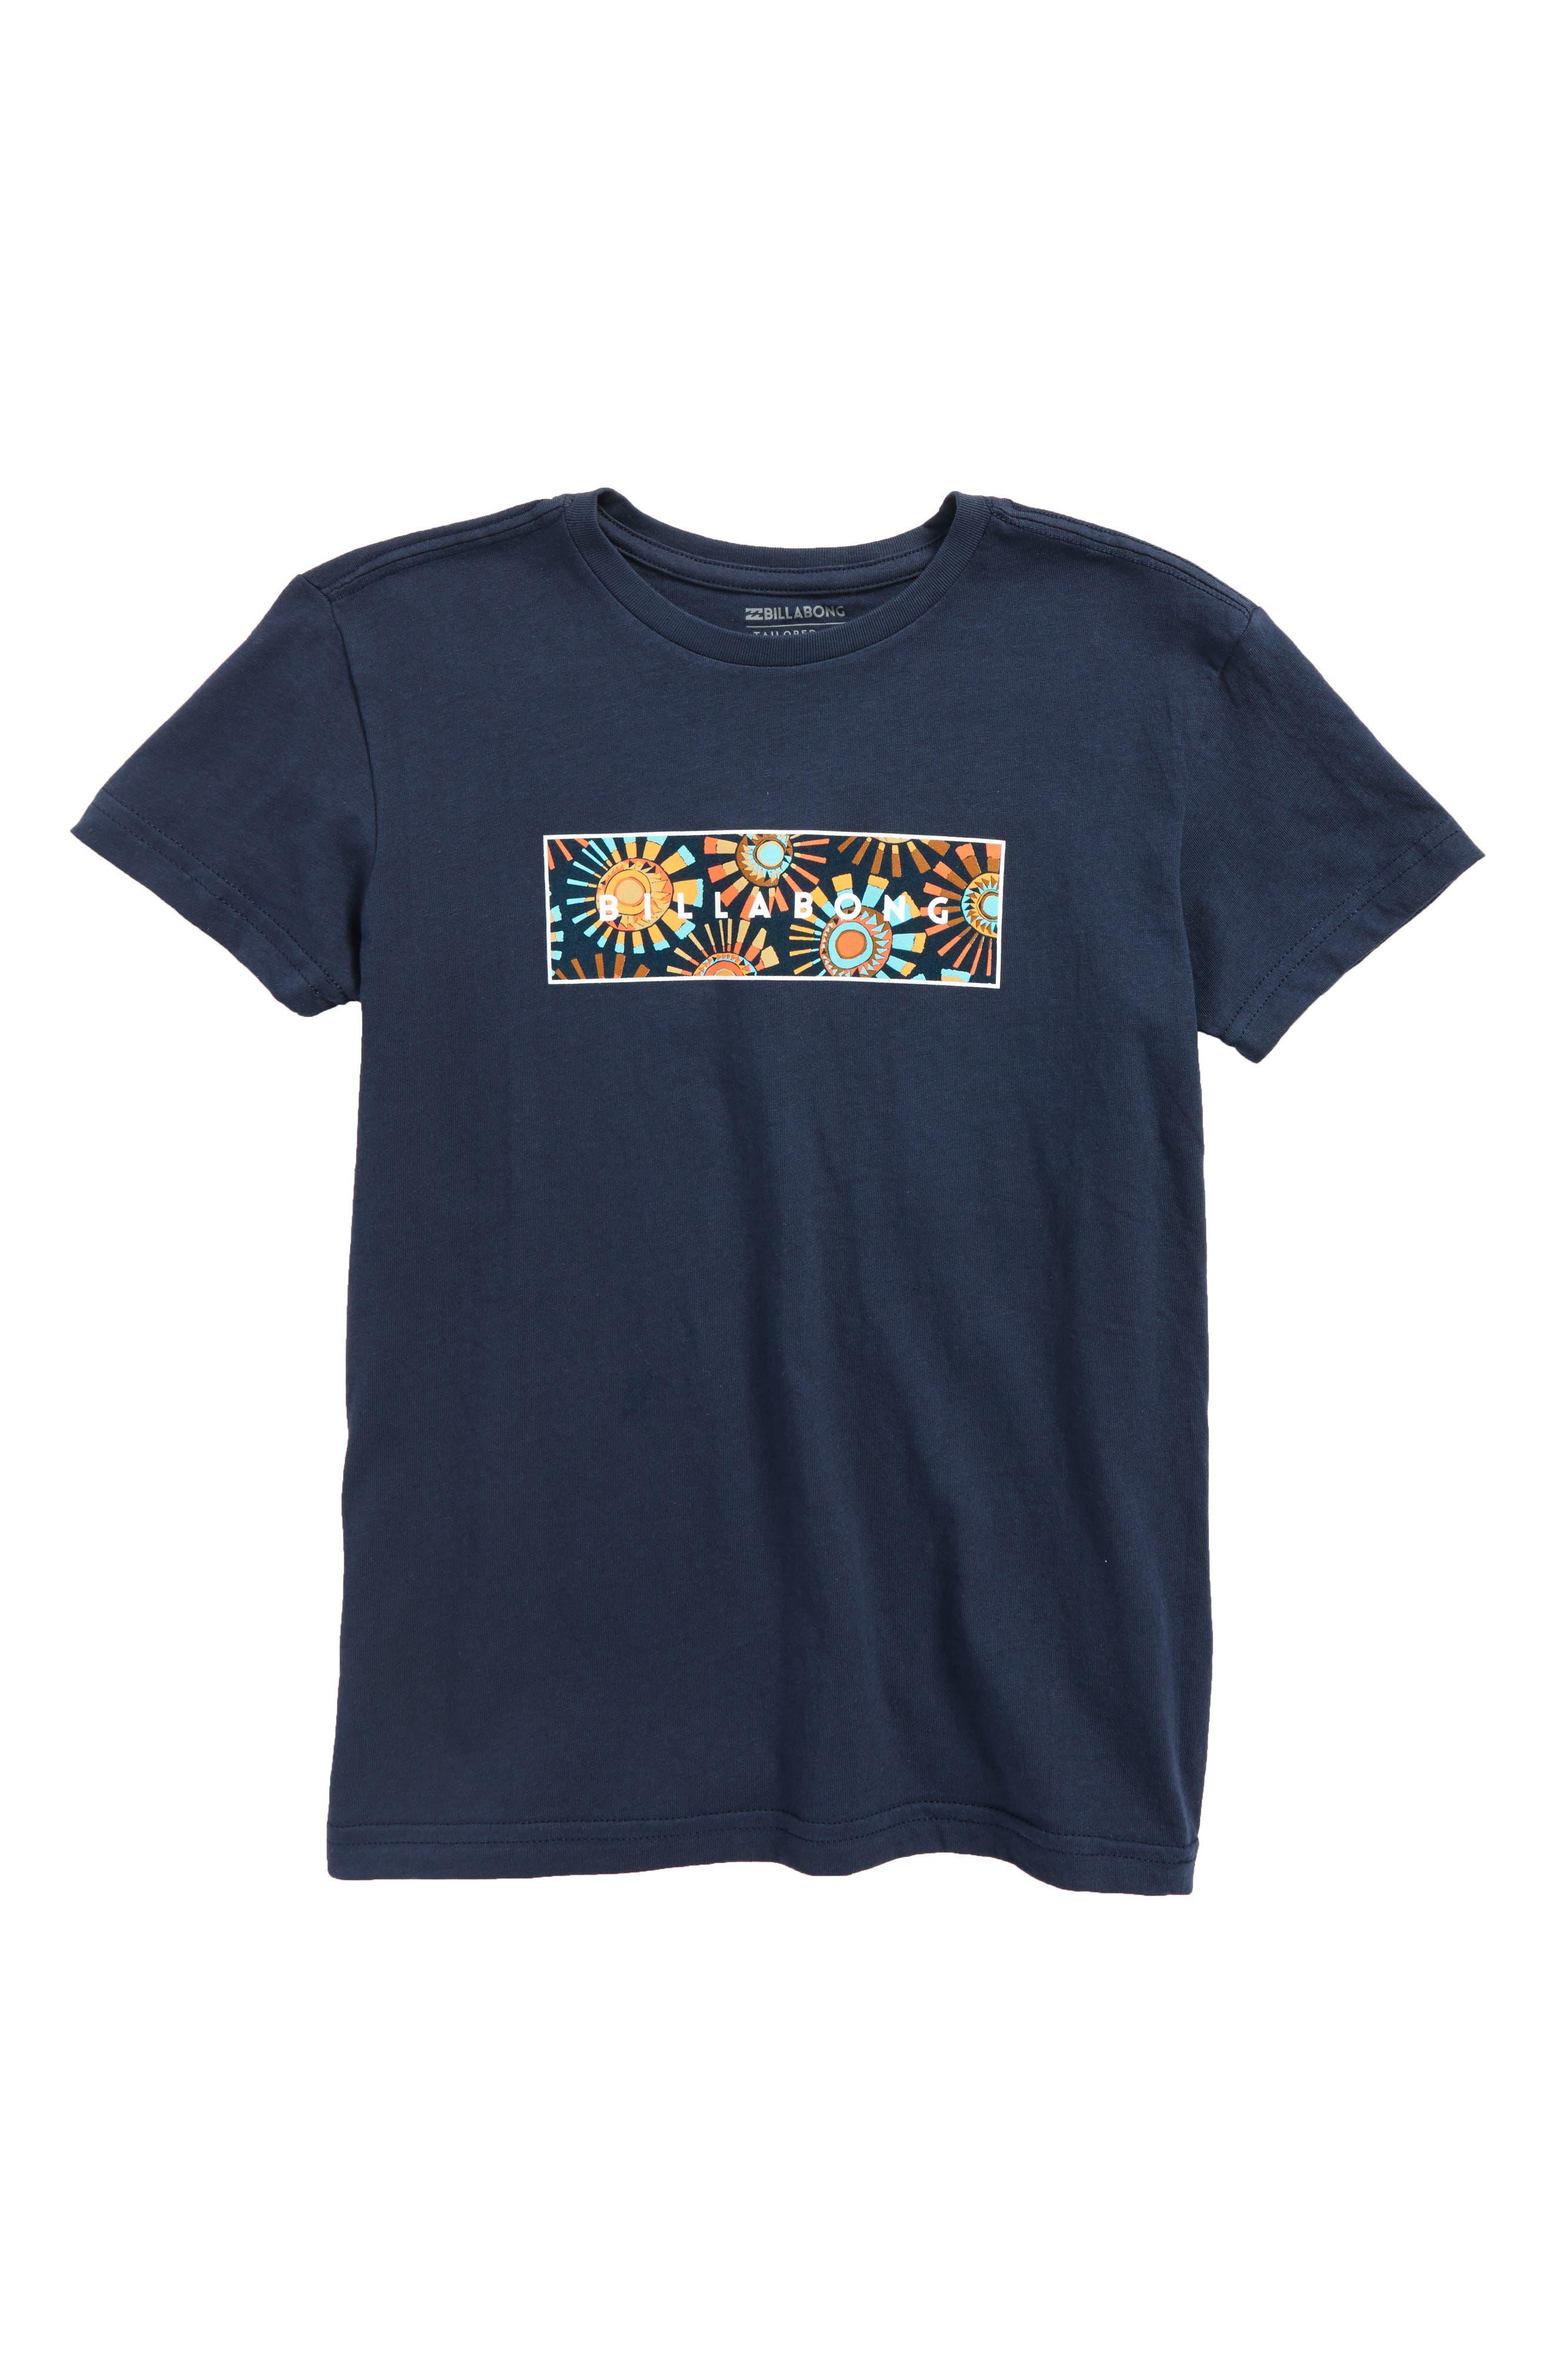 Billabong United Graphic T-Shirt (Little Boys)